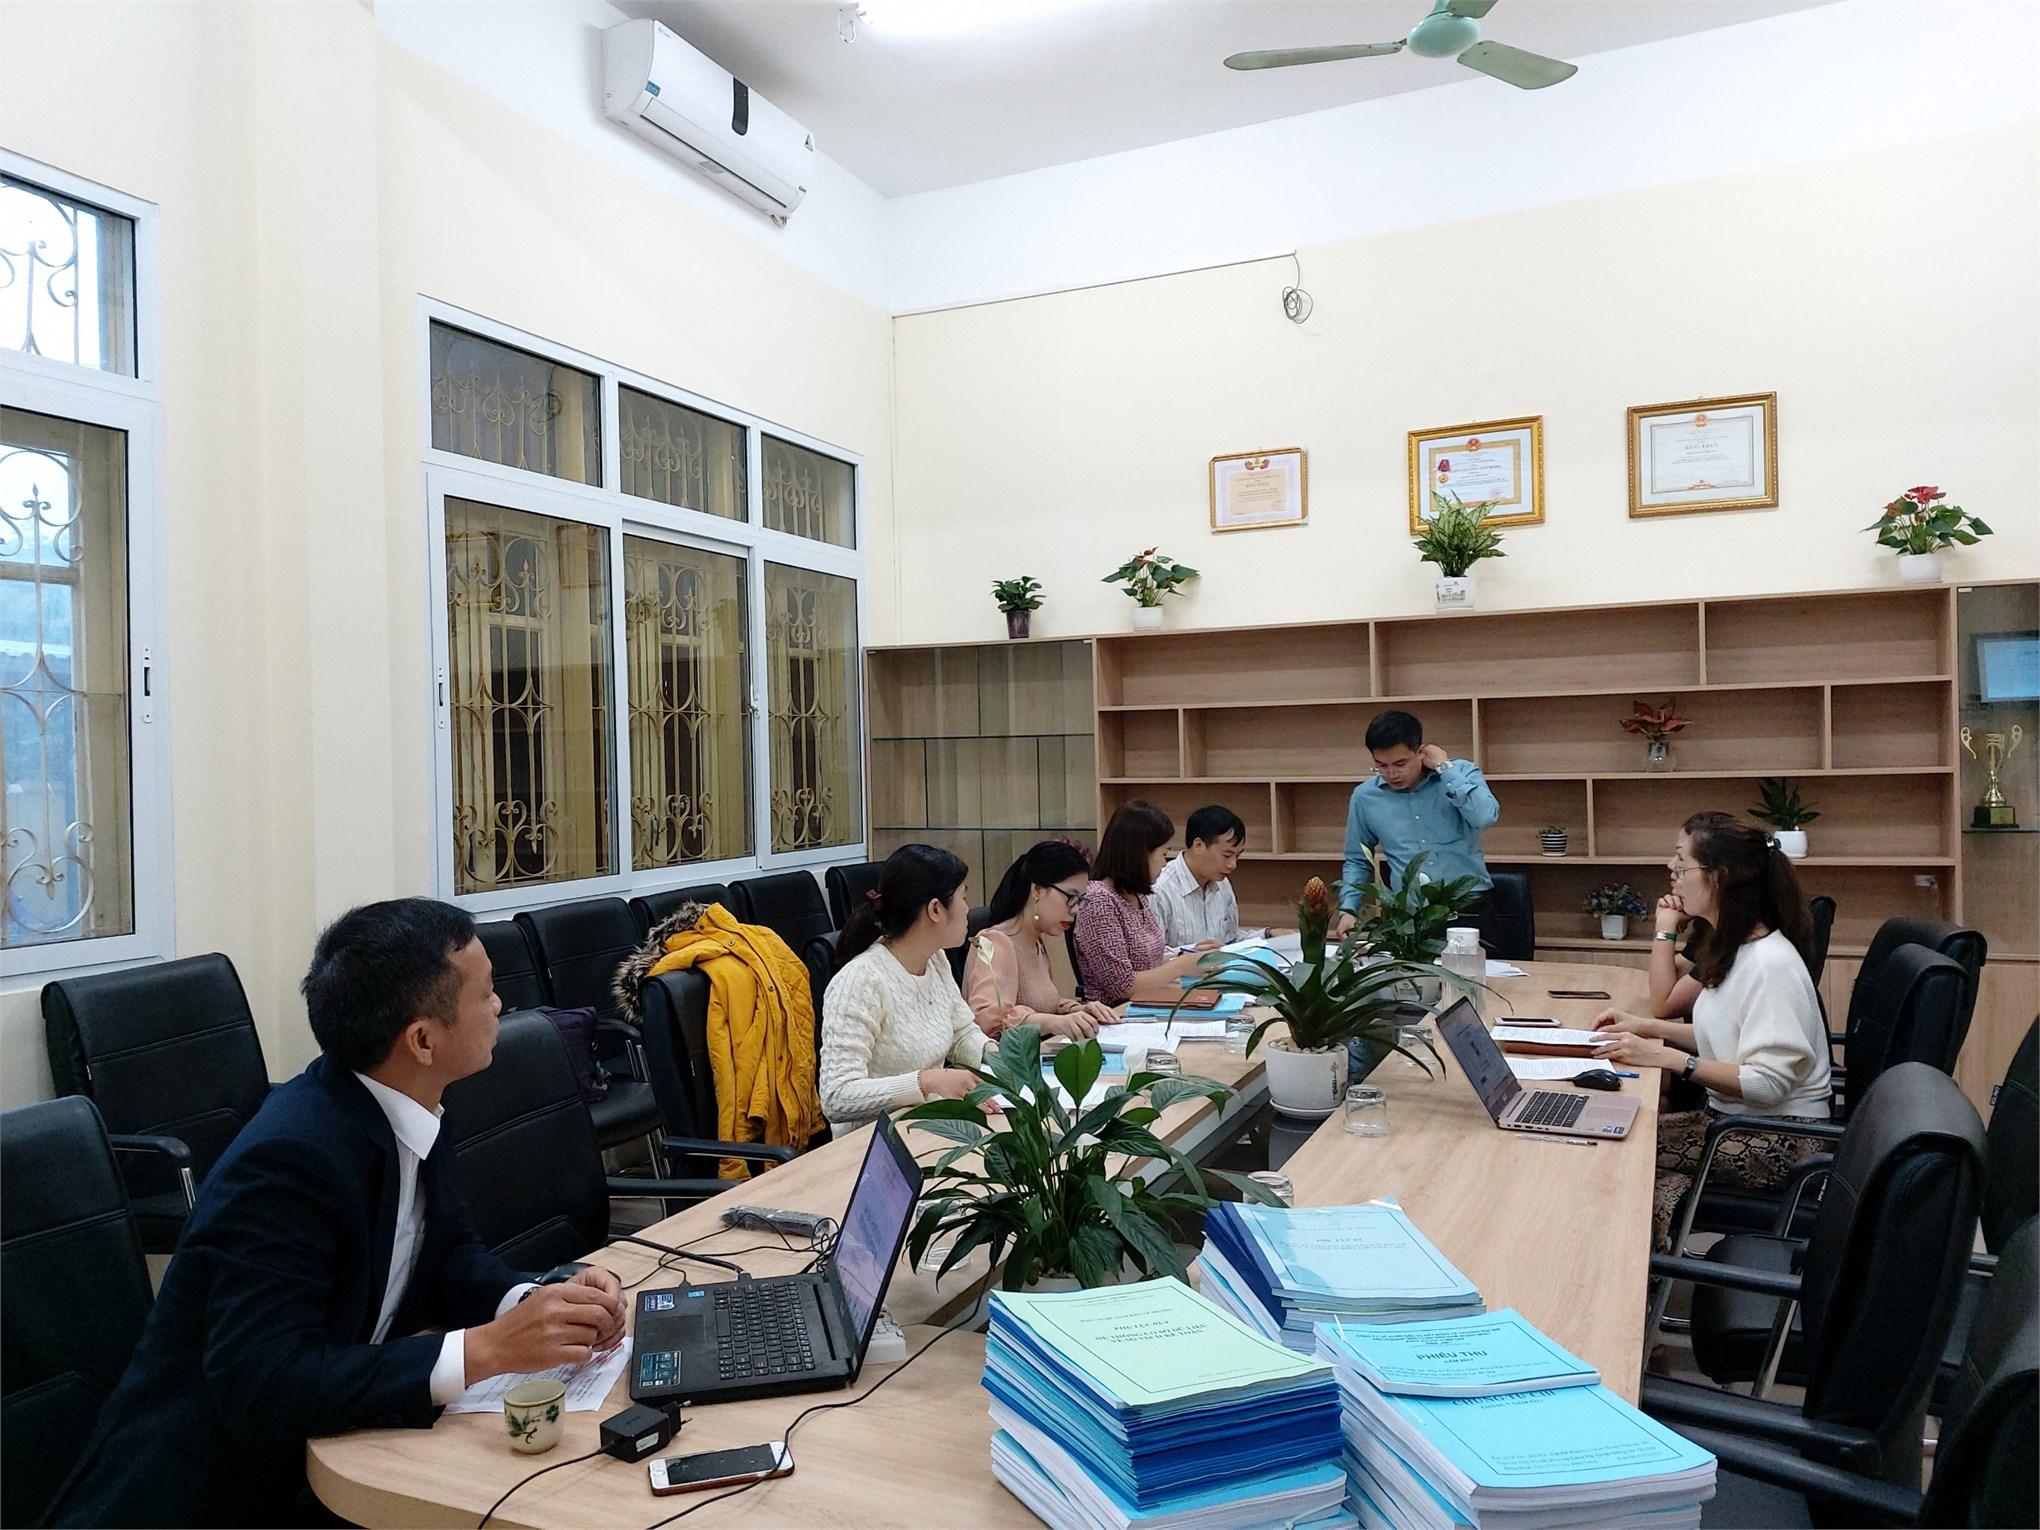 Nghiệm thu cấp Khoa đề tài NCKH cấp trường năm 2018 của TS.Giáp Đăng Kha